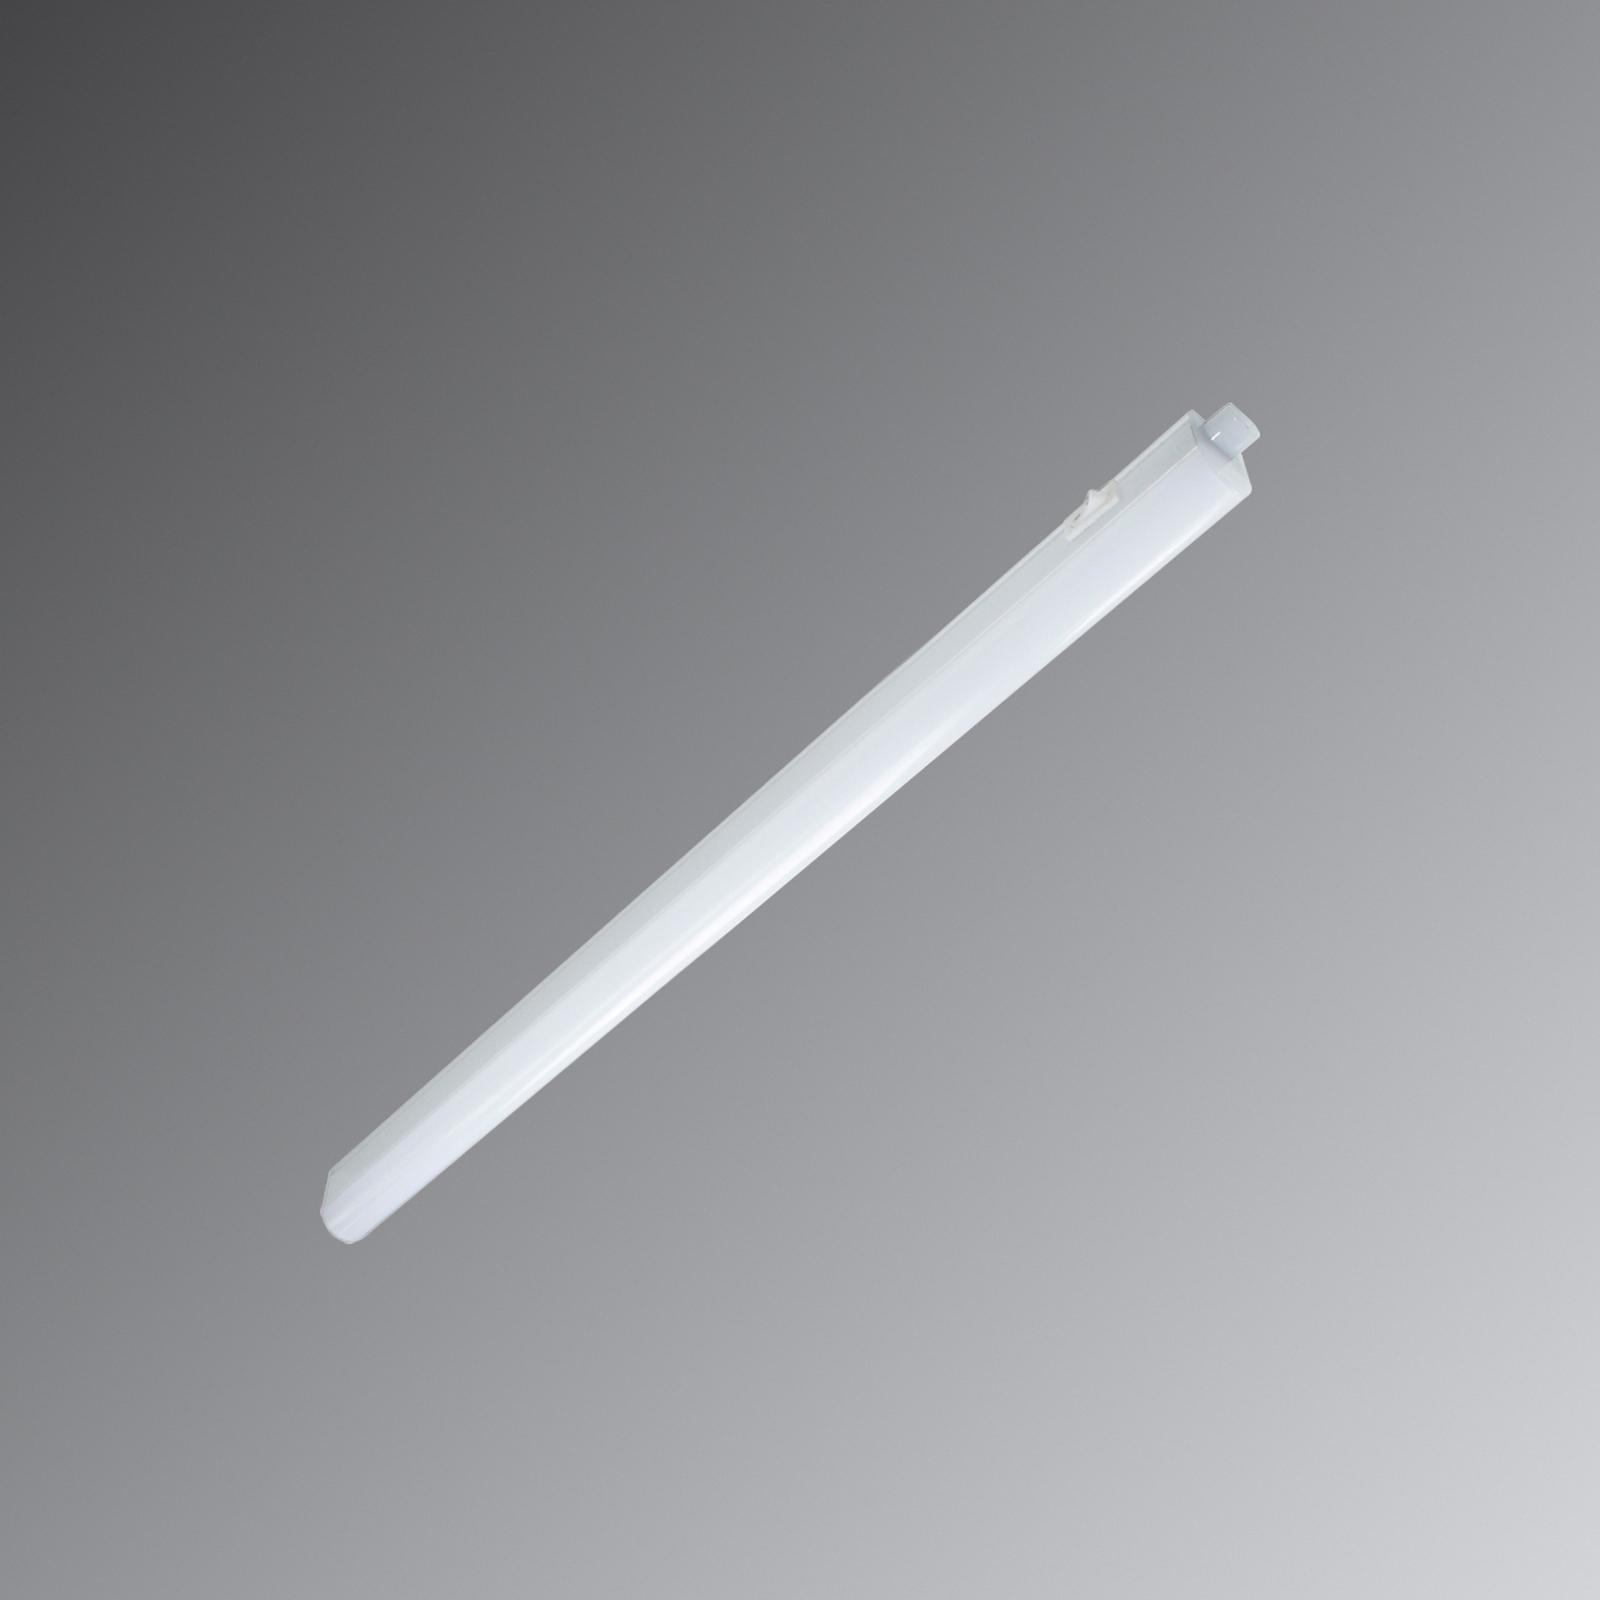 Weiße LED-Lichtleiste Eckenheim mit Schalter